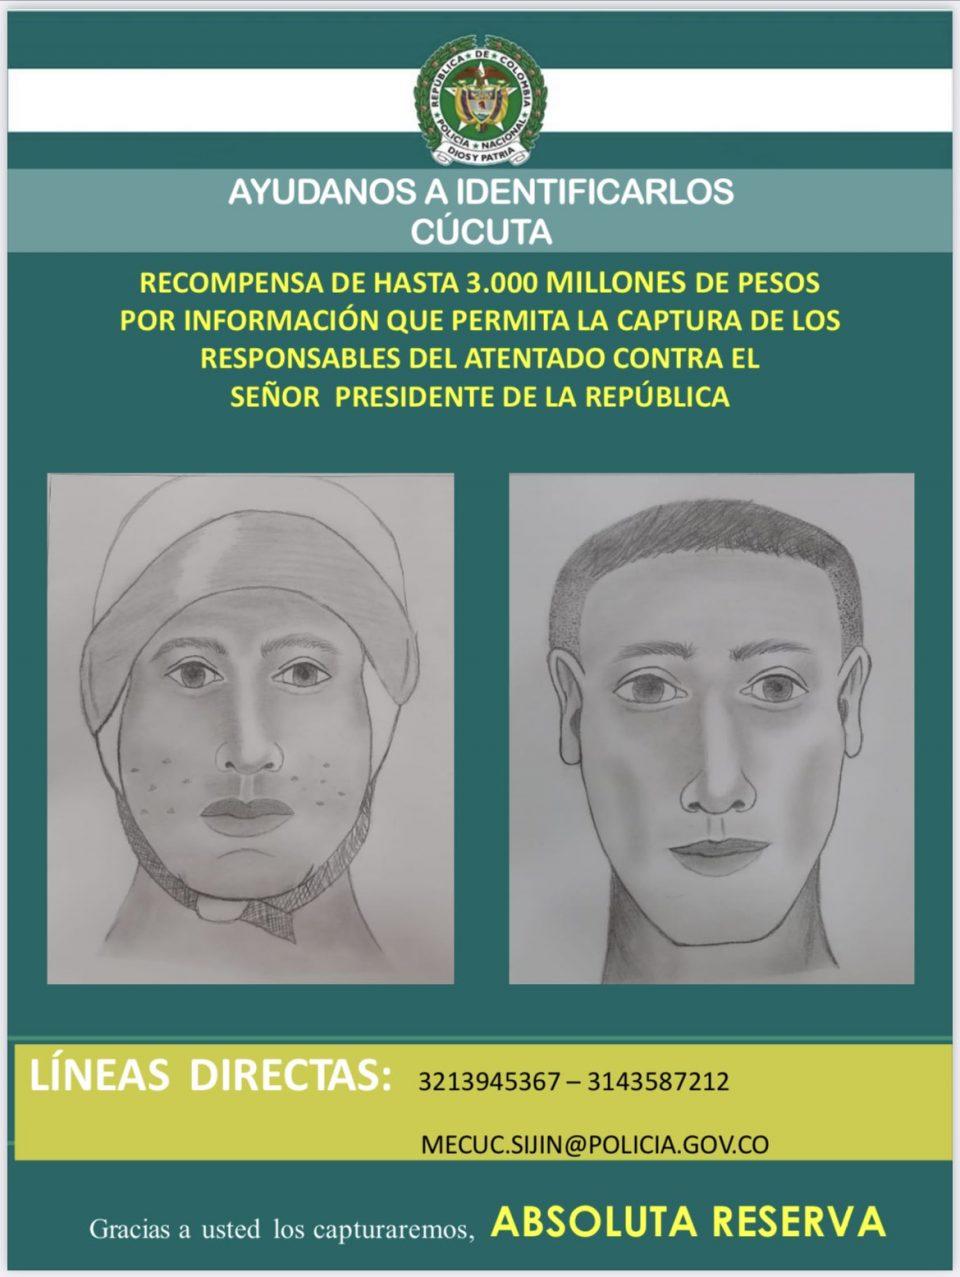 Policía colombiana reveló retratos hablados de los responsables del ataque a Duque